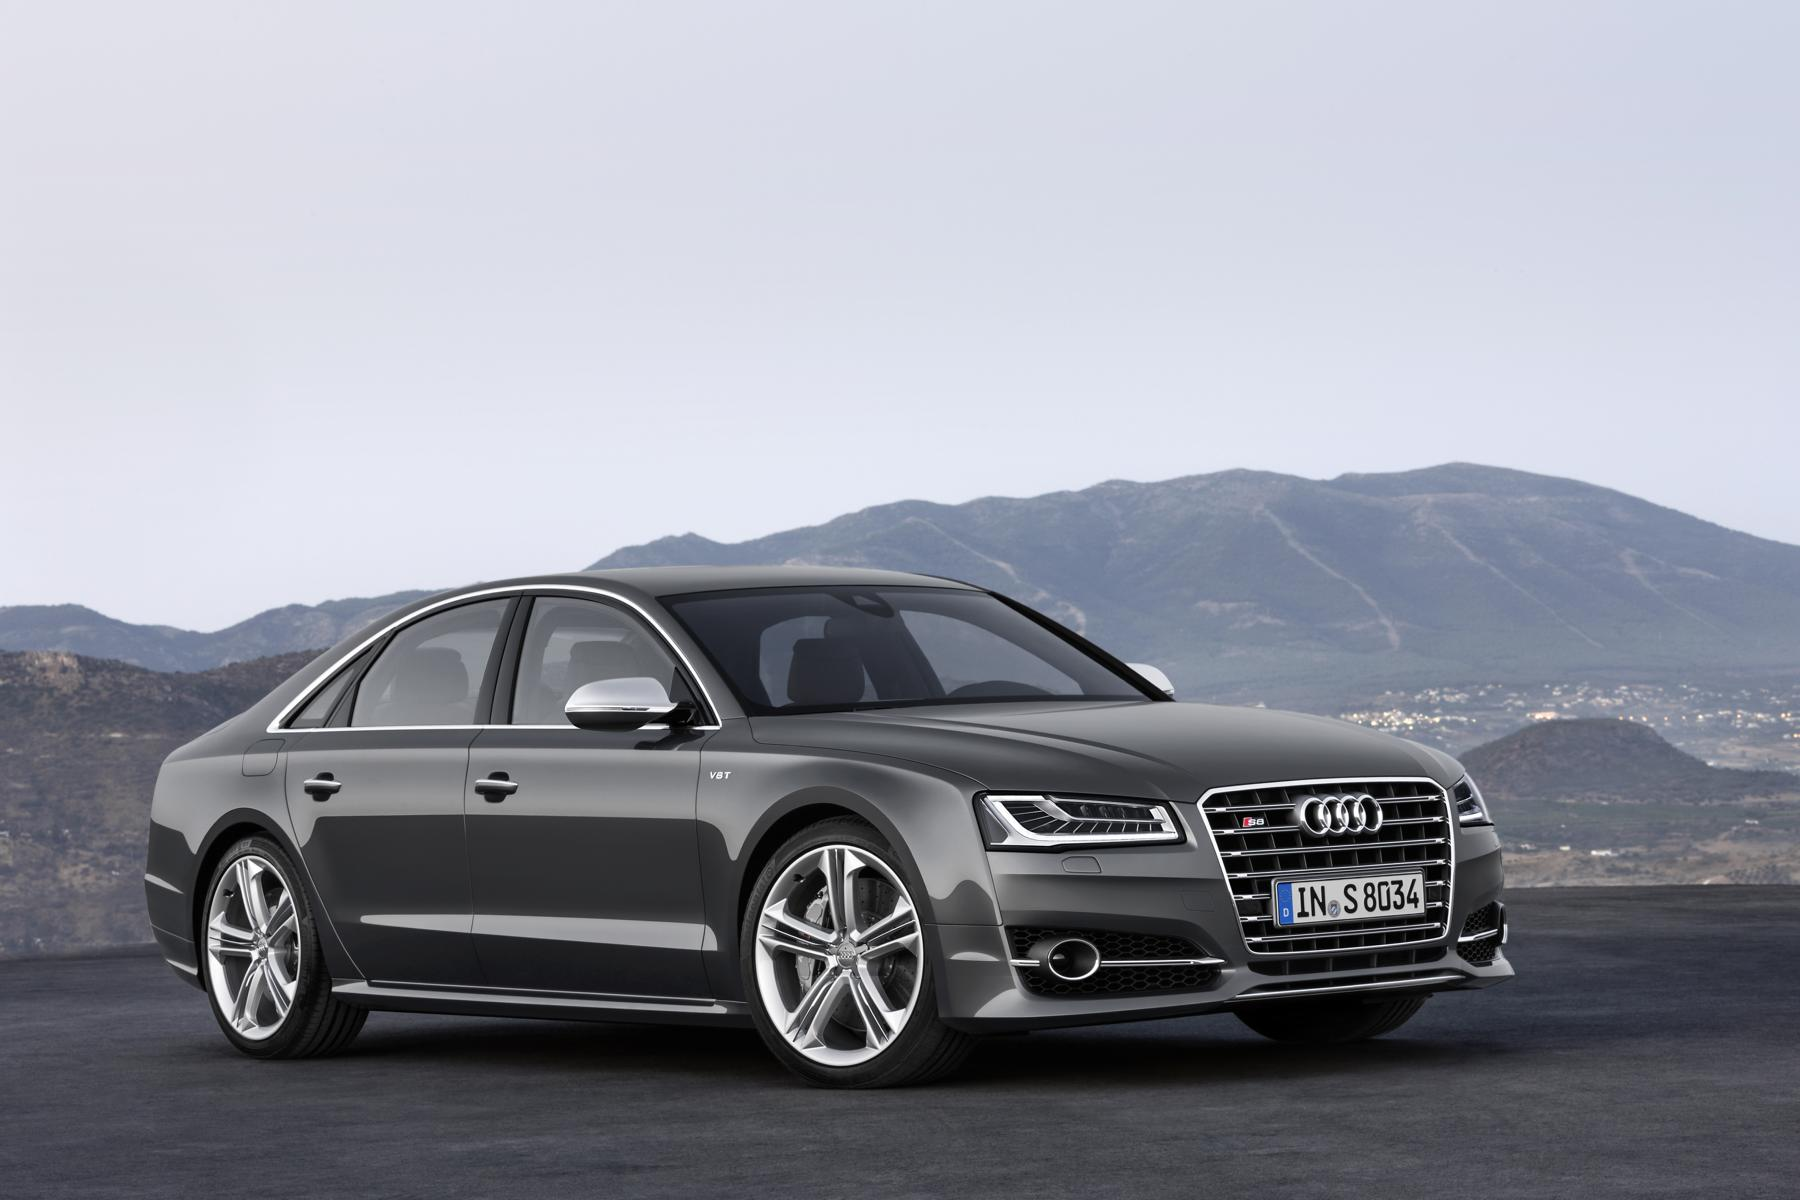 Audi_S8_01_37